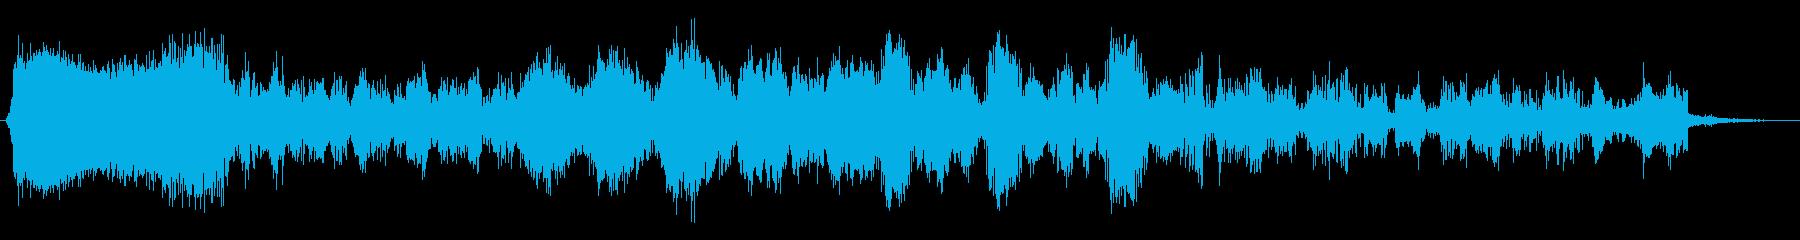 エナジーアークガン:ロングブラスト...の再生済みの波形